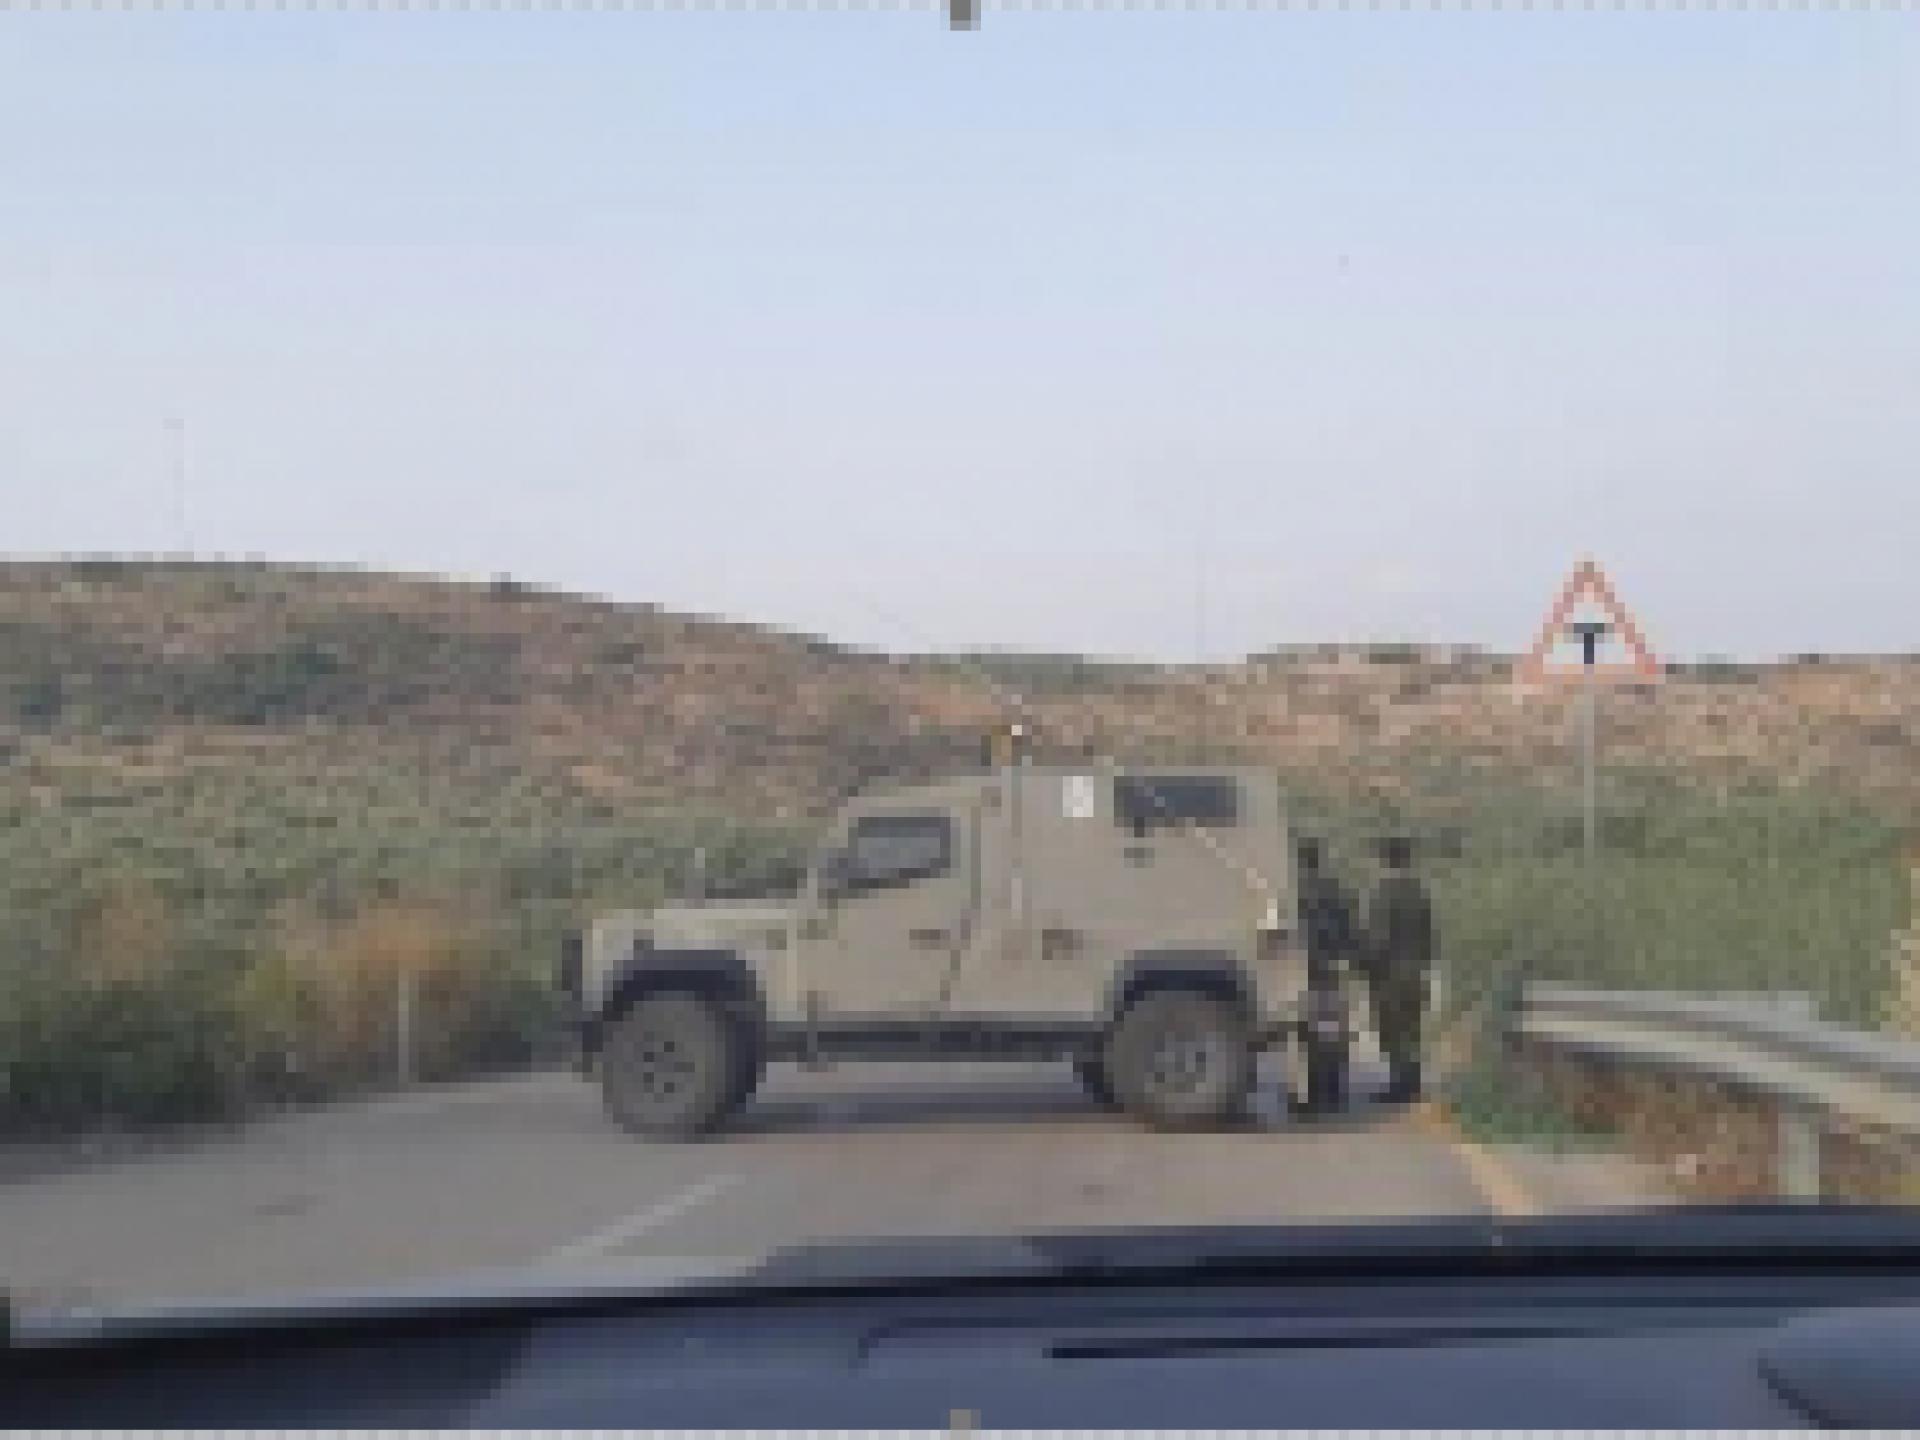 רכב צבאי לרוחב הכביש ושני חיילים